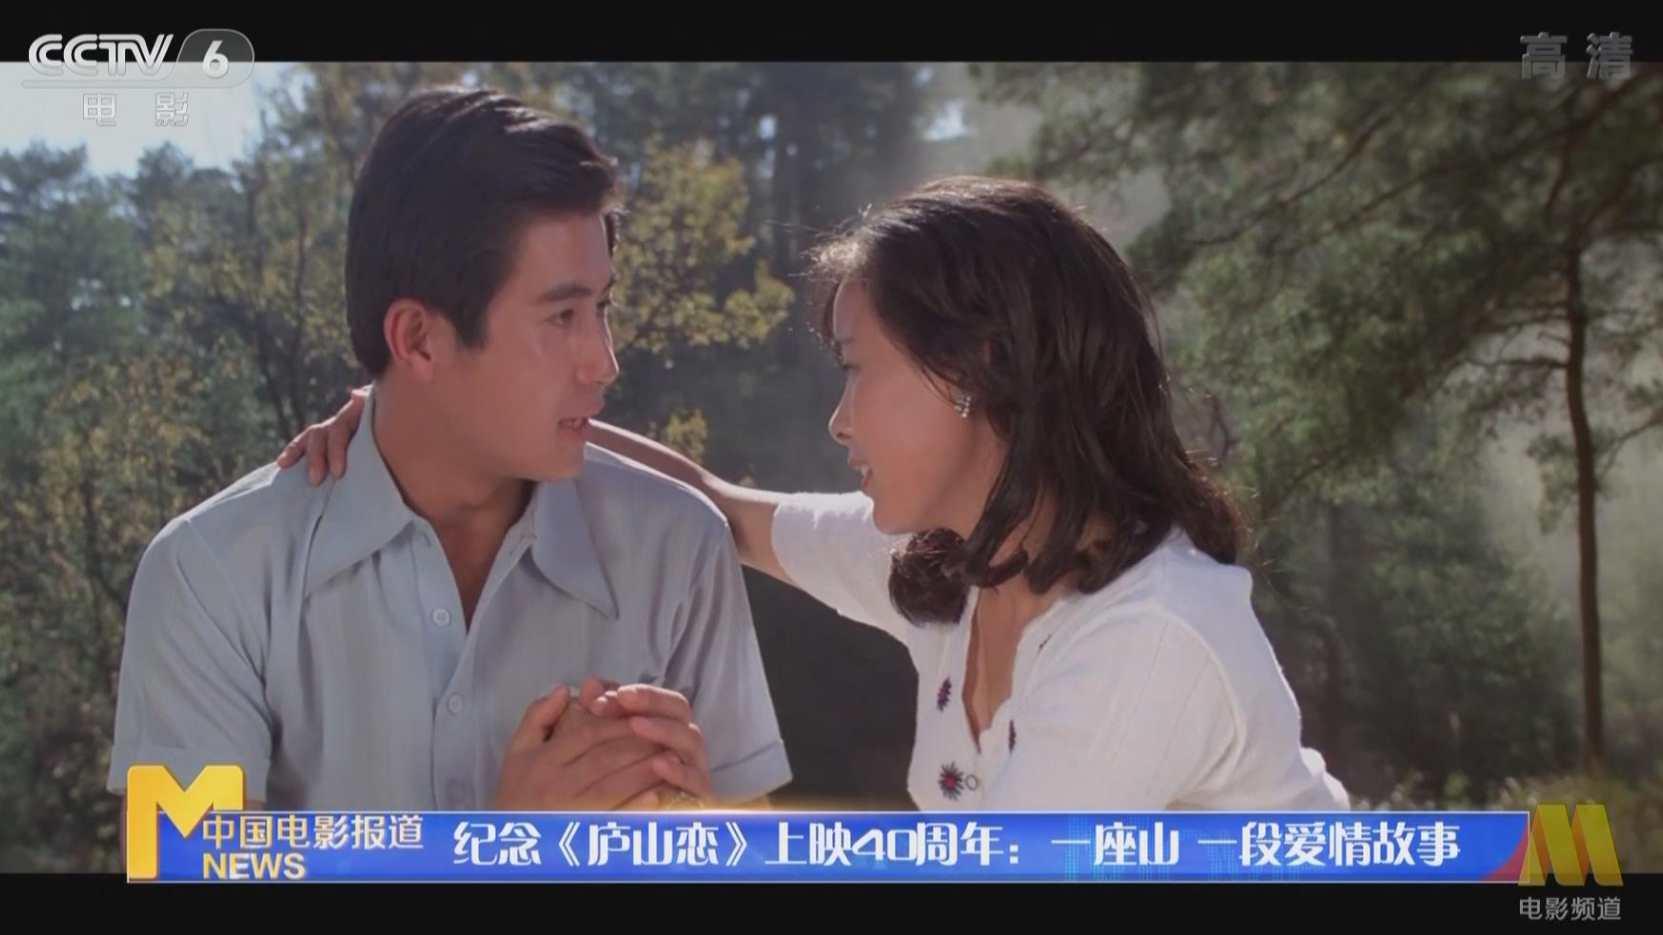 紀念《廬山戀》上映40周年:一座山 一段愛情故事